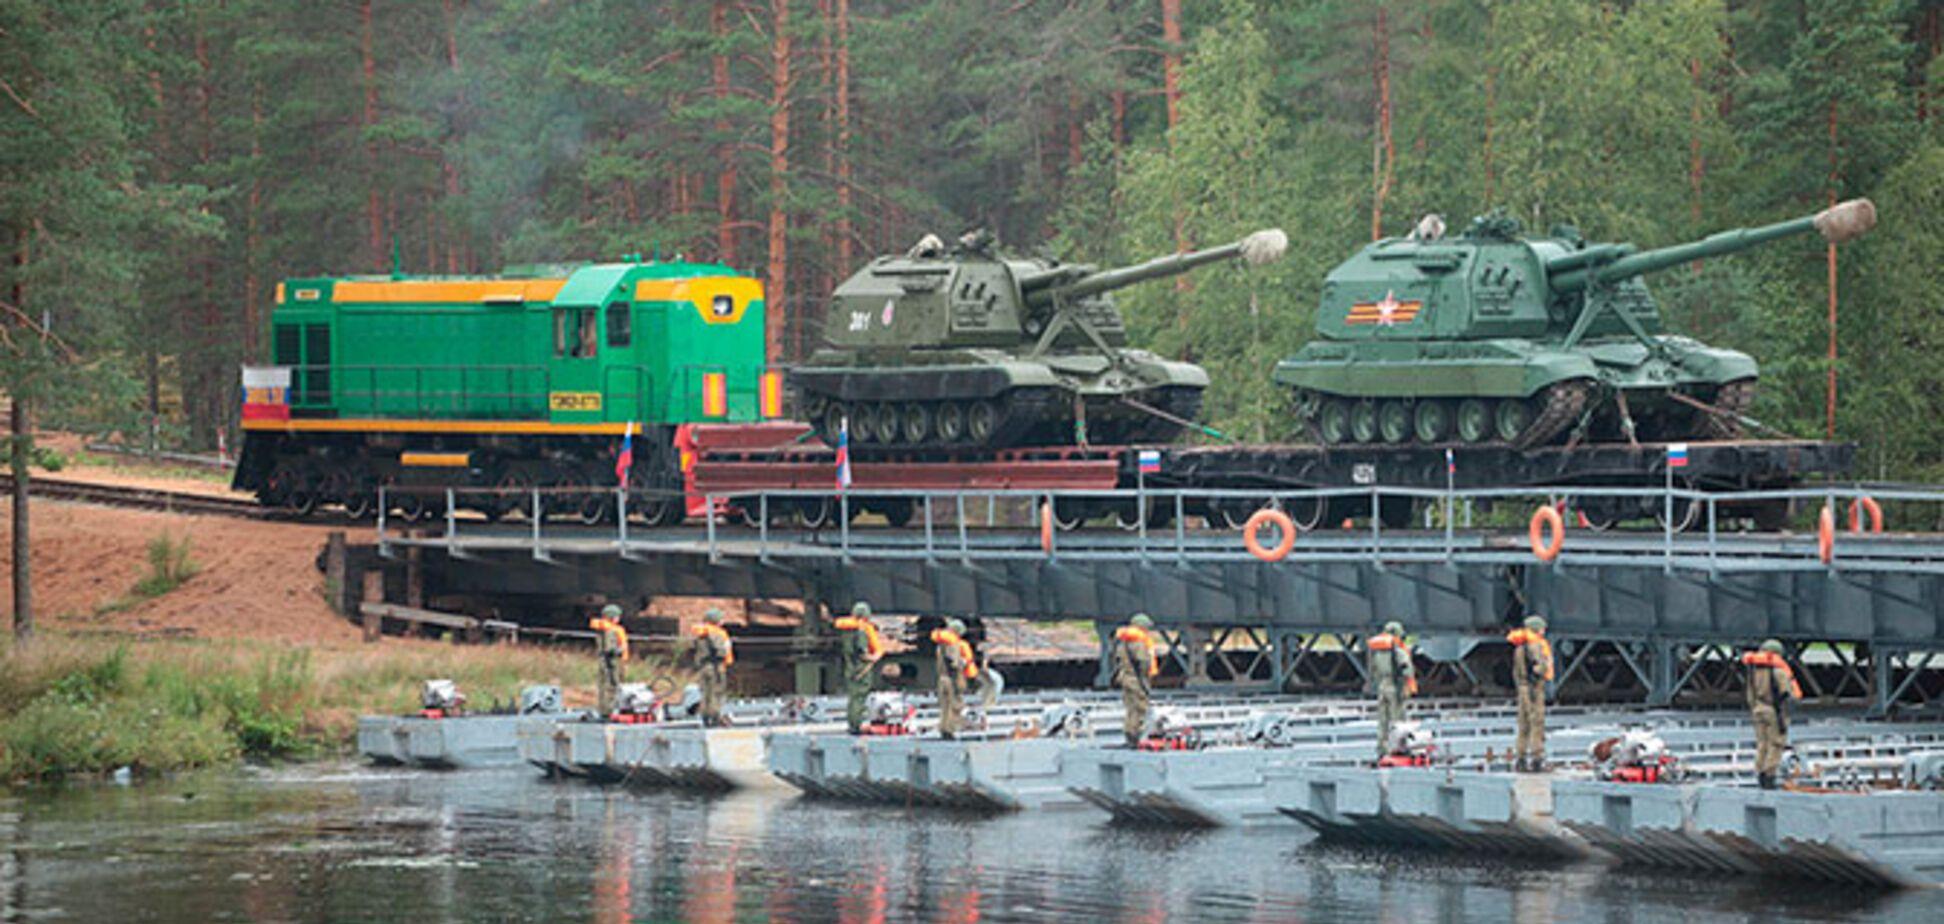 Навчання Путіна: ветеран АТО оцінив загрозу вторгнення Росії з Білорусі